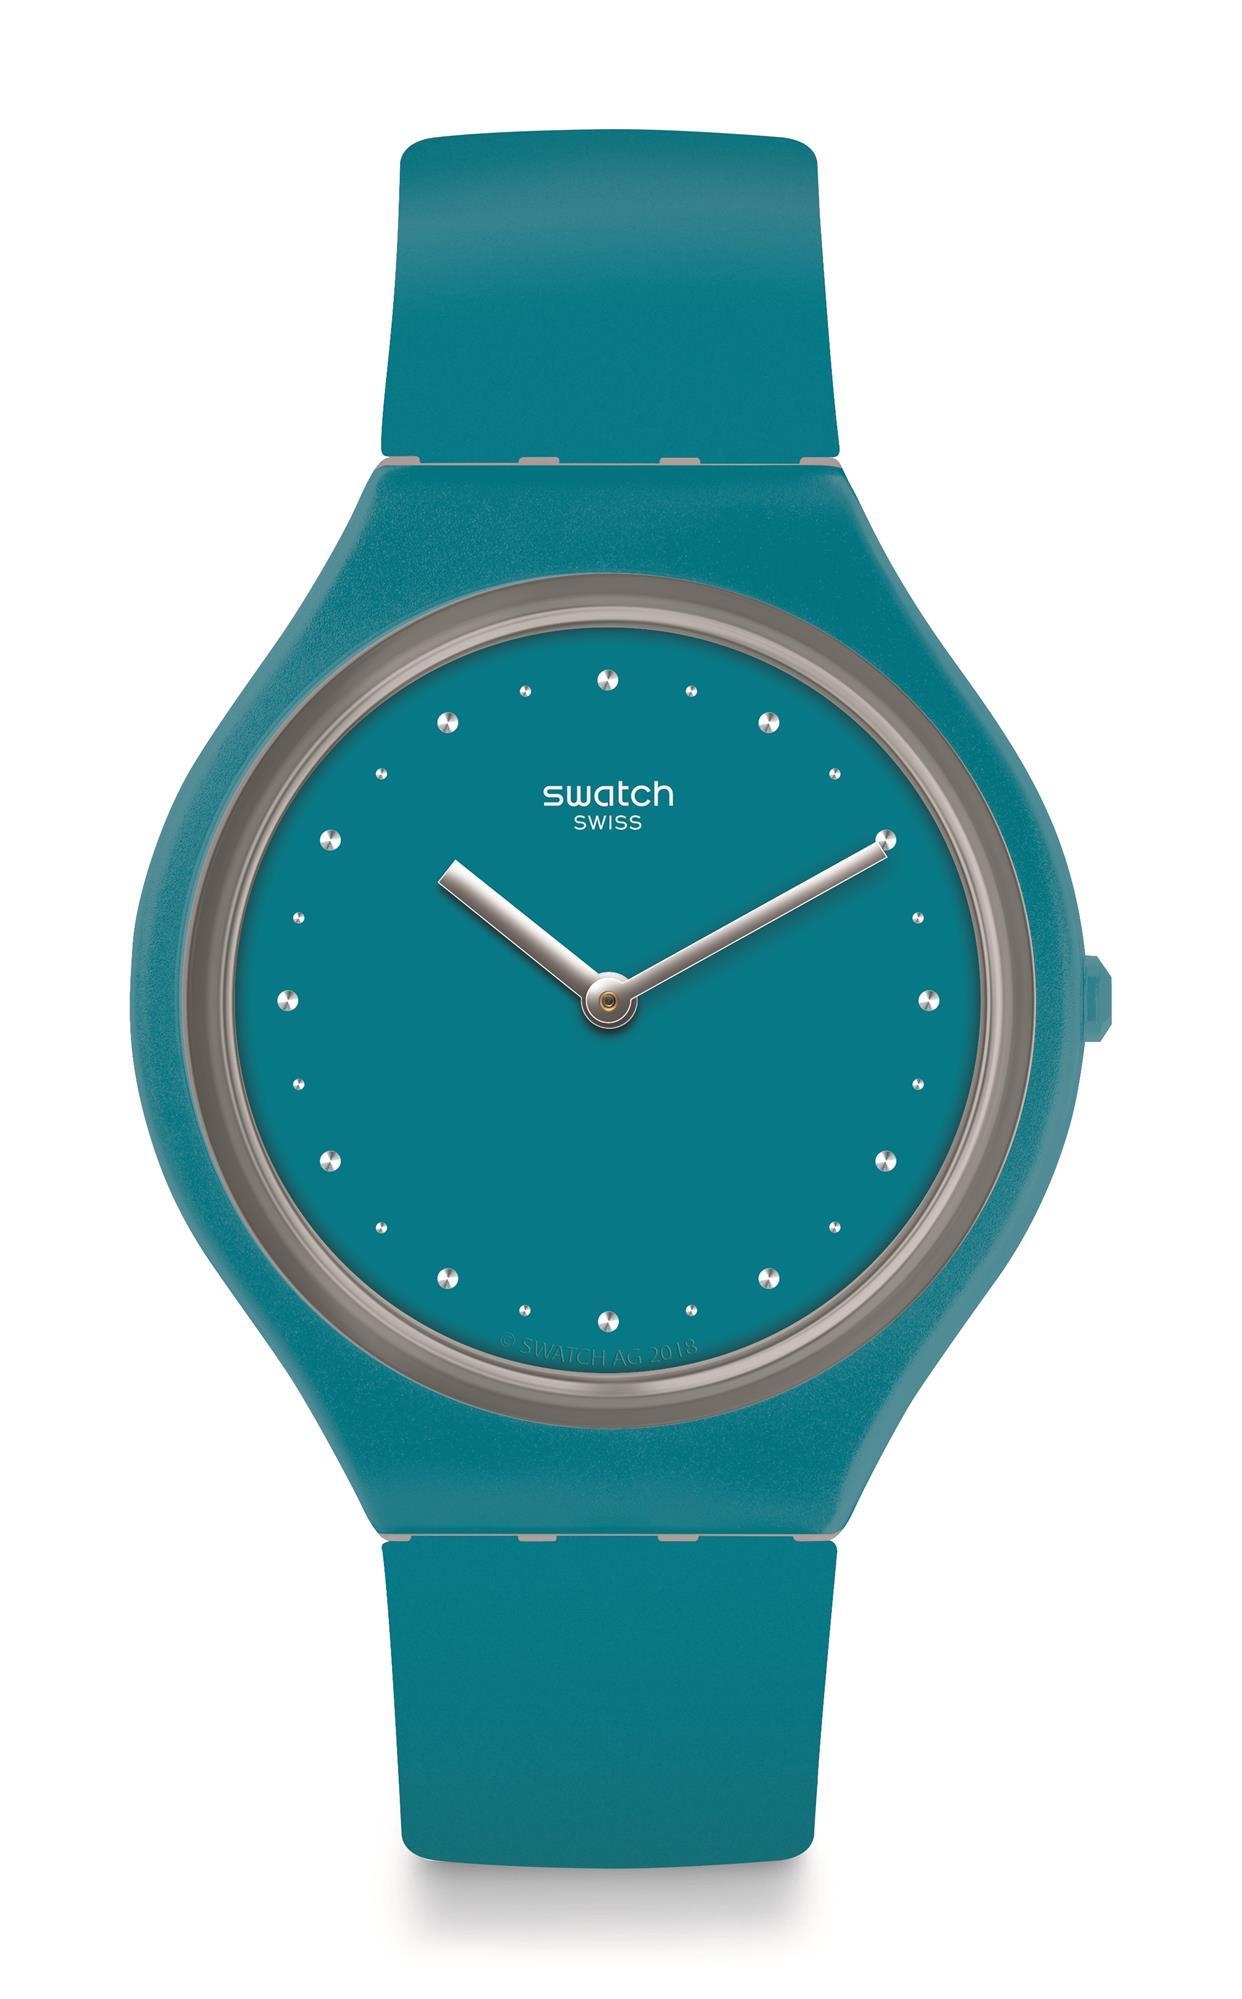 Swatch Skin Skinautique Blue Silicone Strap Ladies Watch SVOL100 36.8mm